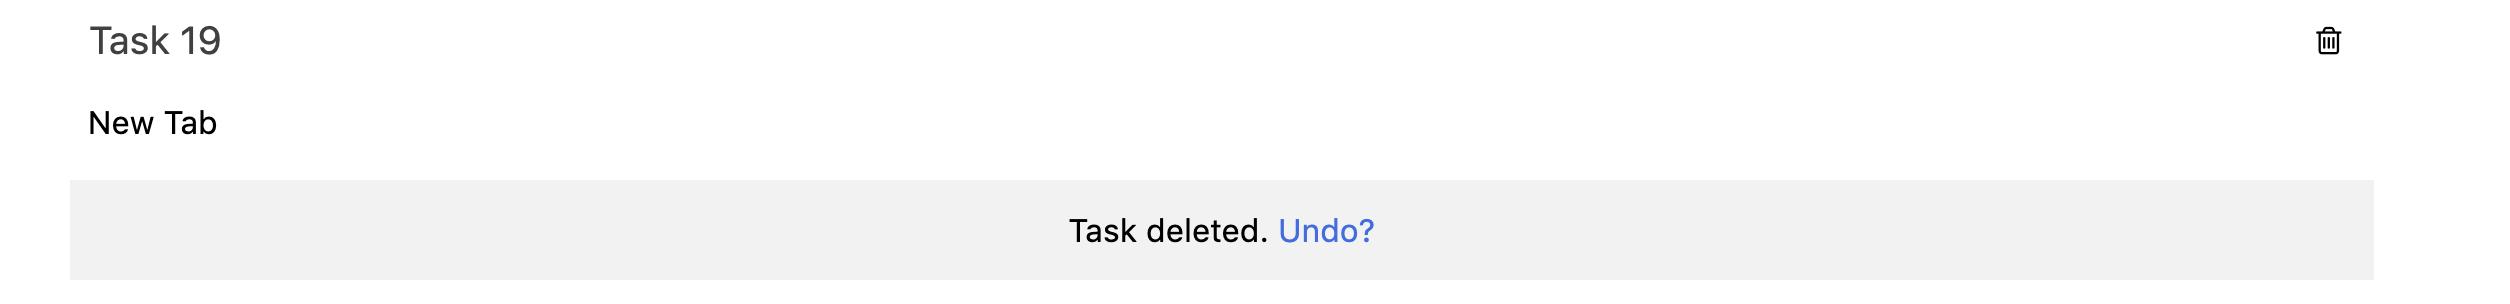 task  delete undo